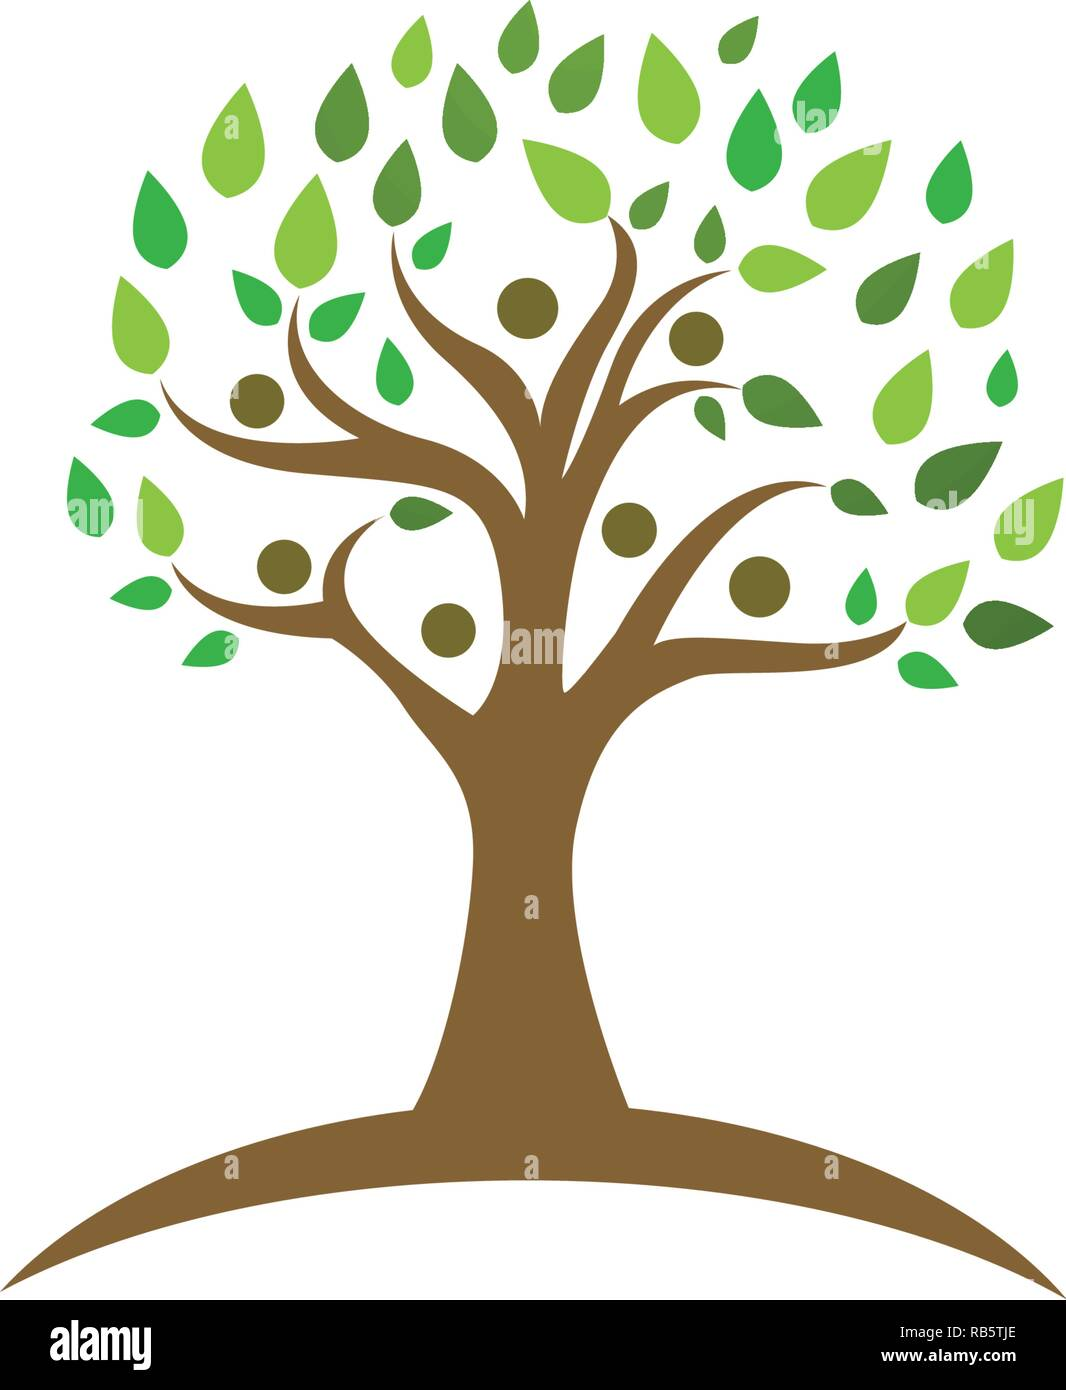 Fingerabdruck Baum Vorlage Baum Vorlage Fingerabdruck 12